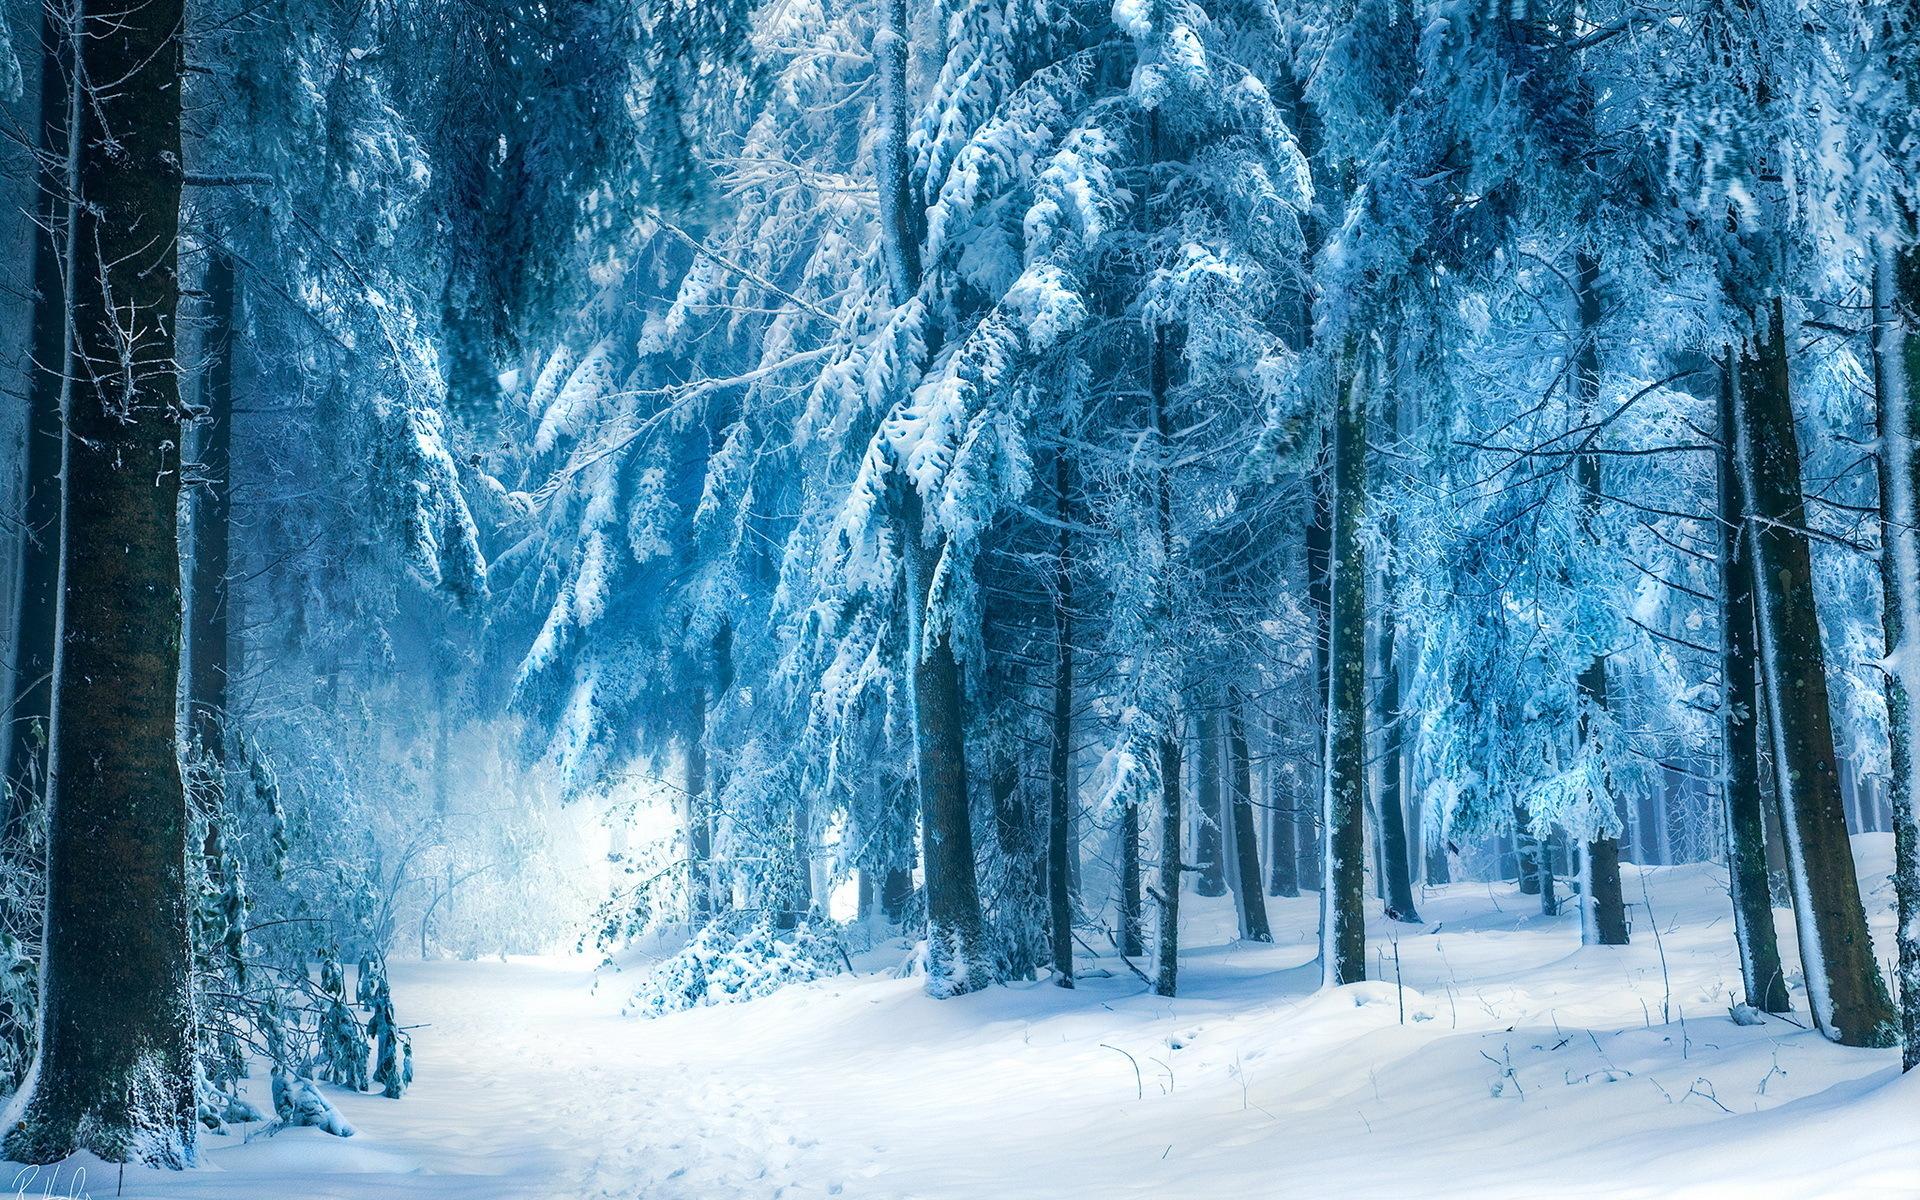 сочи костюме заснеженный лес фотообои многие читателей